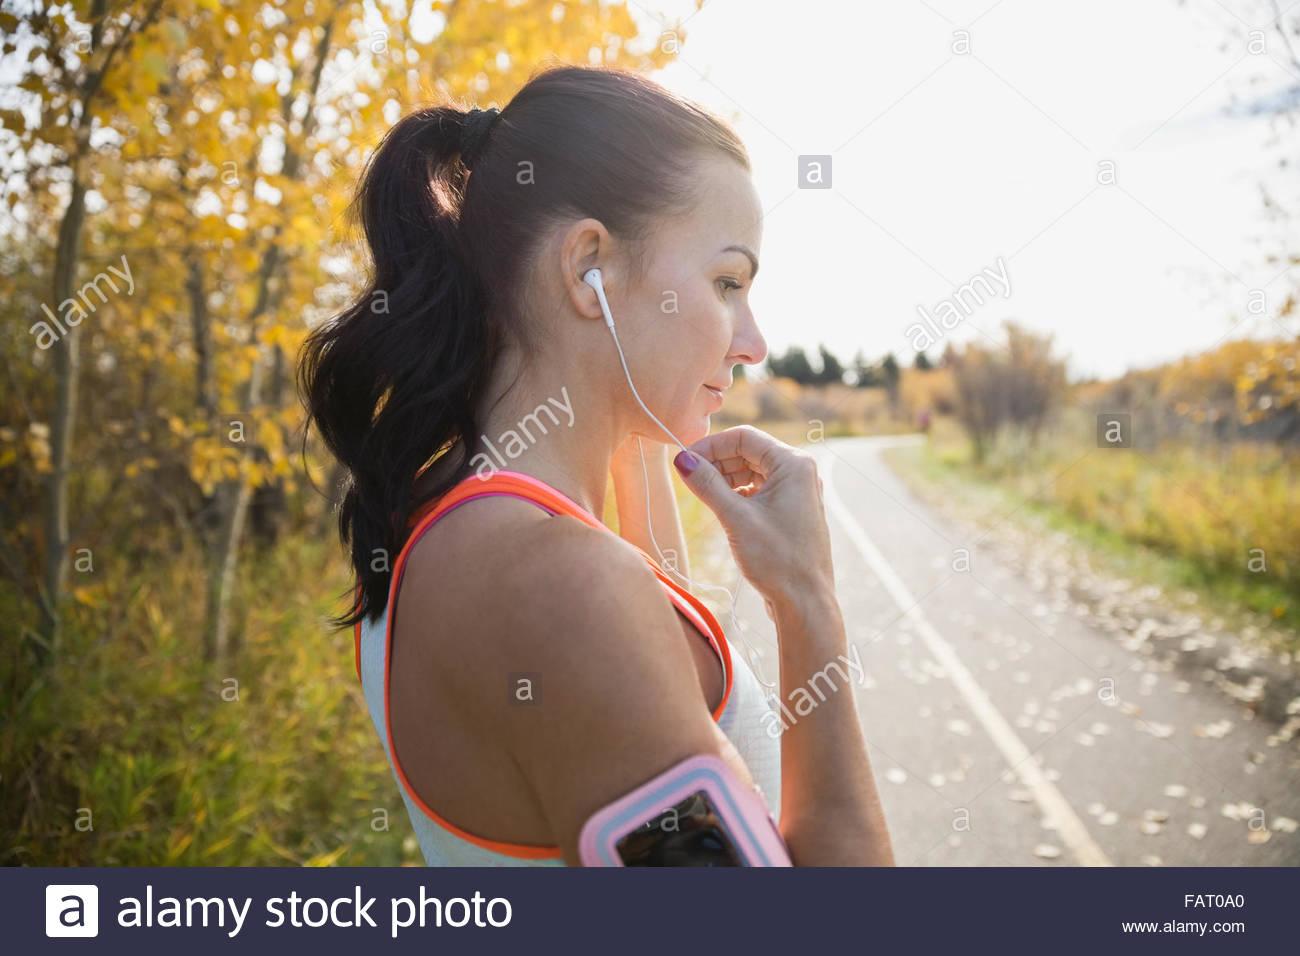 Pareggiatore con cuffie e fascia per il braccio sul percorso di autunno Immagini Stock